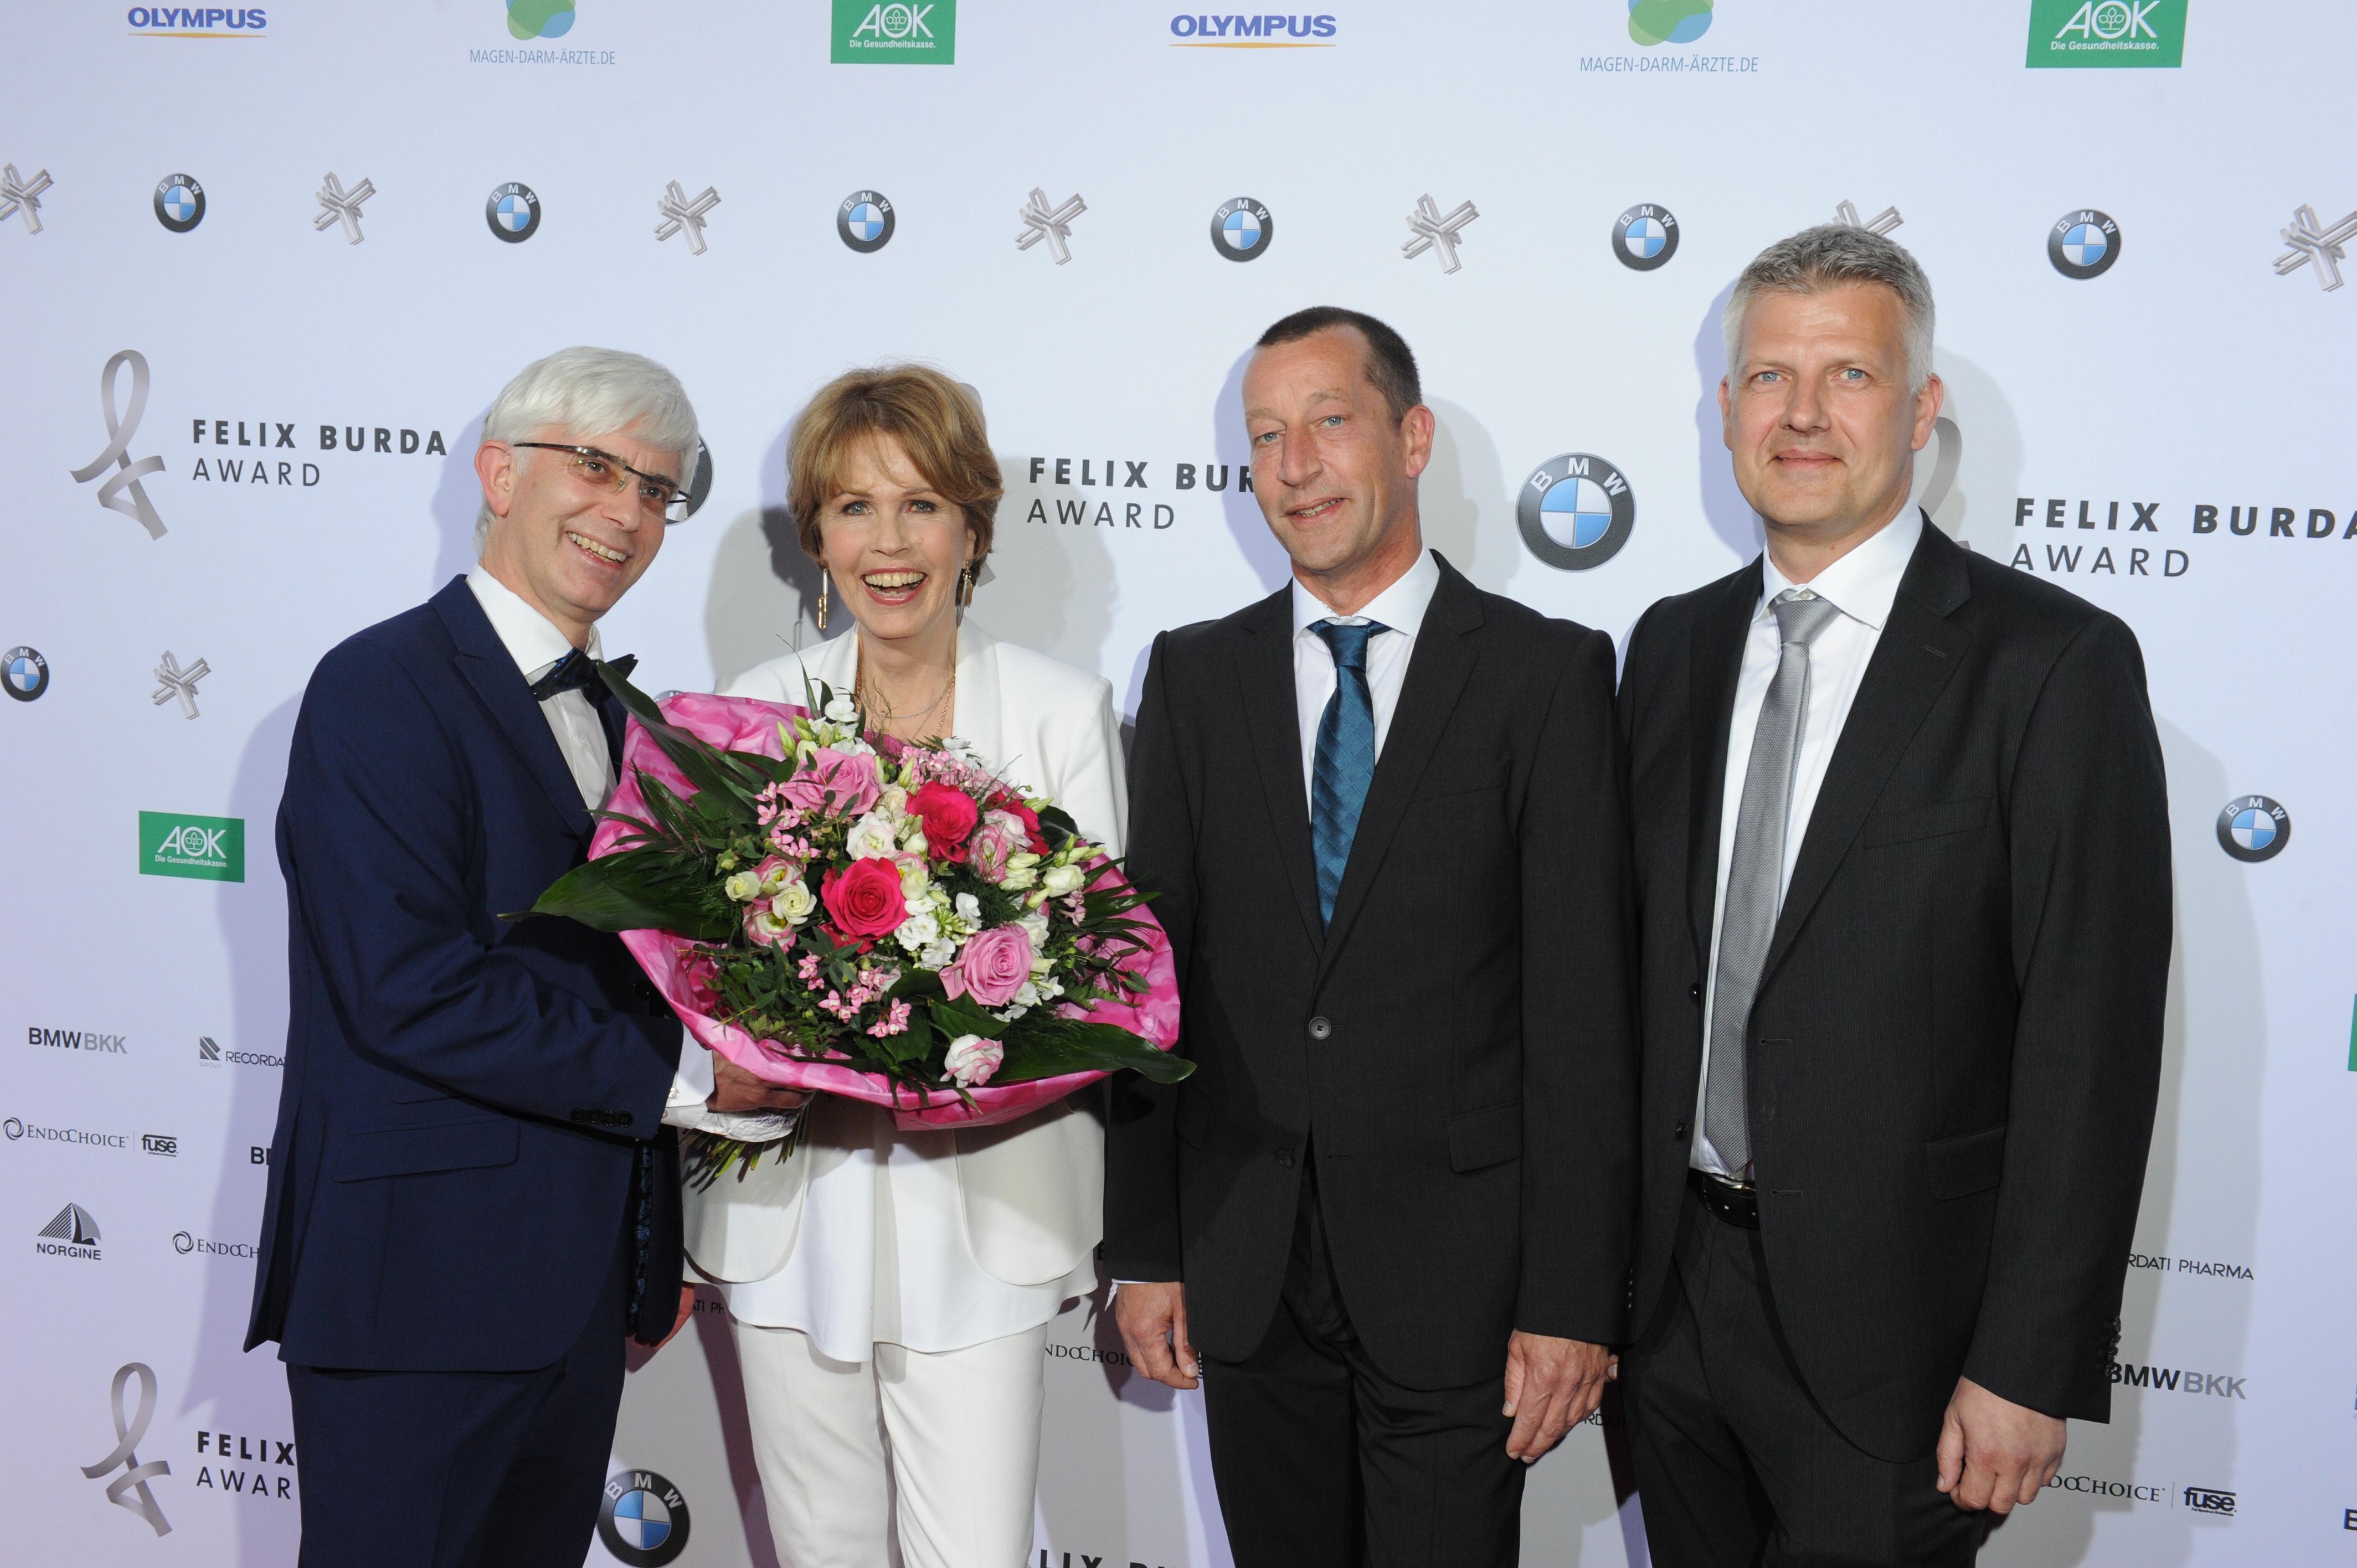 FELIX BURDA AWARD 2016 in der BMW Welt MŸnchen  am 17.04.2016